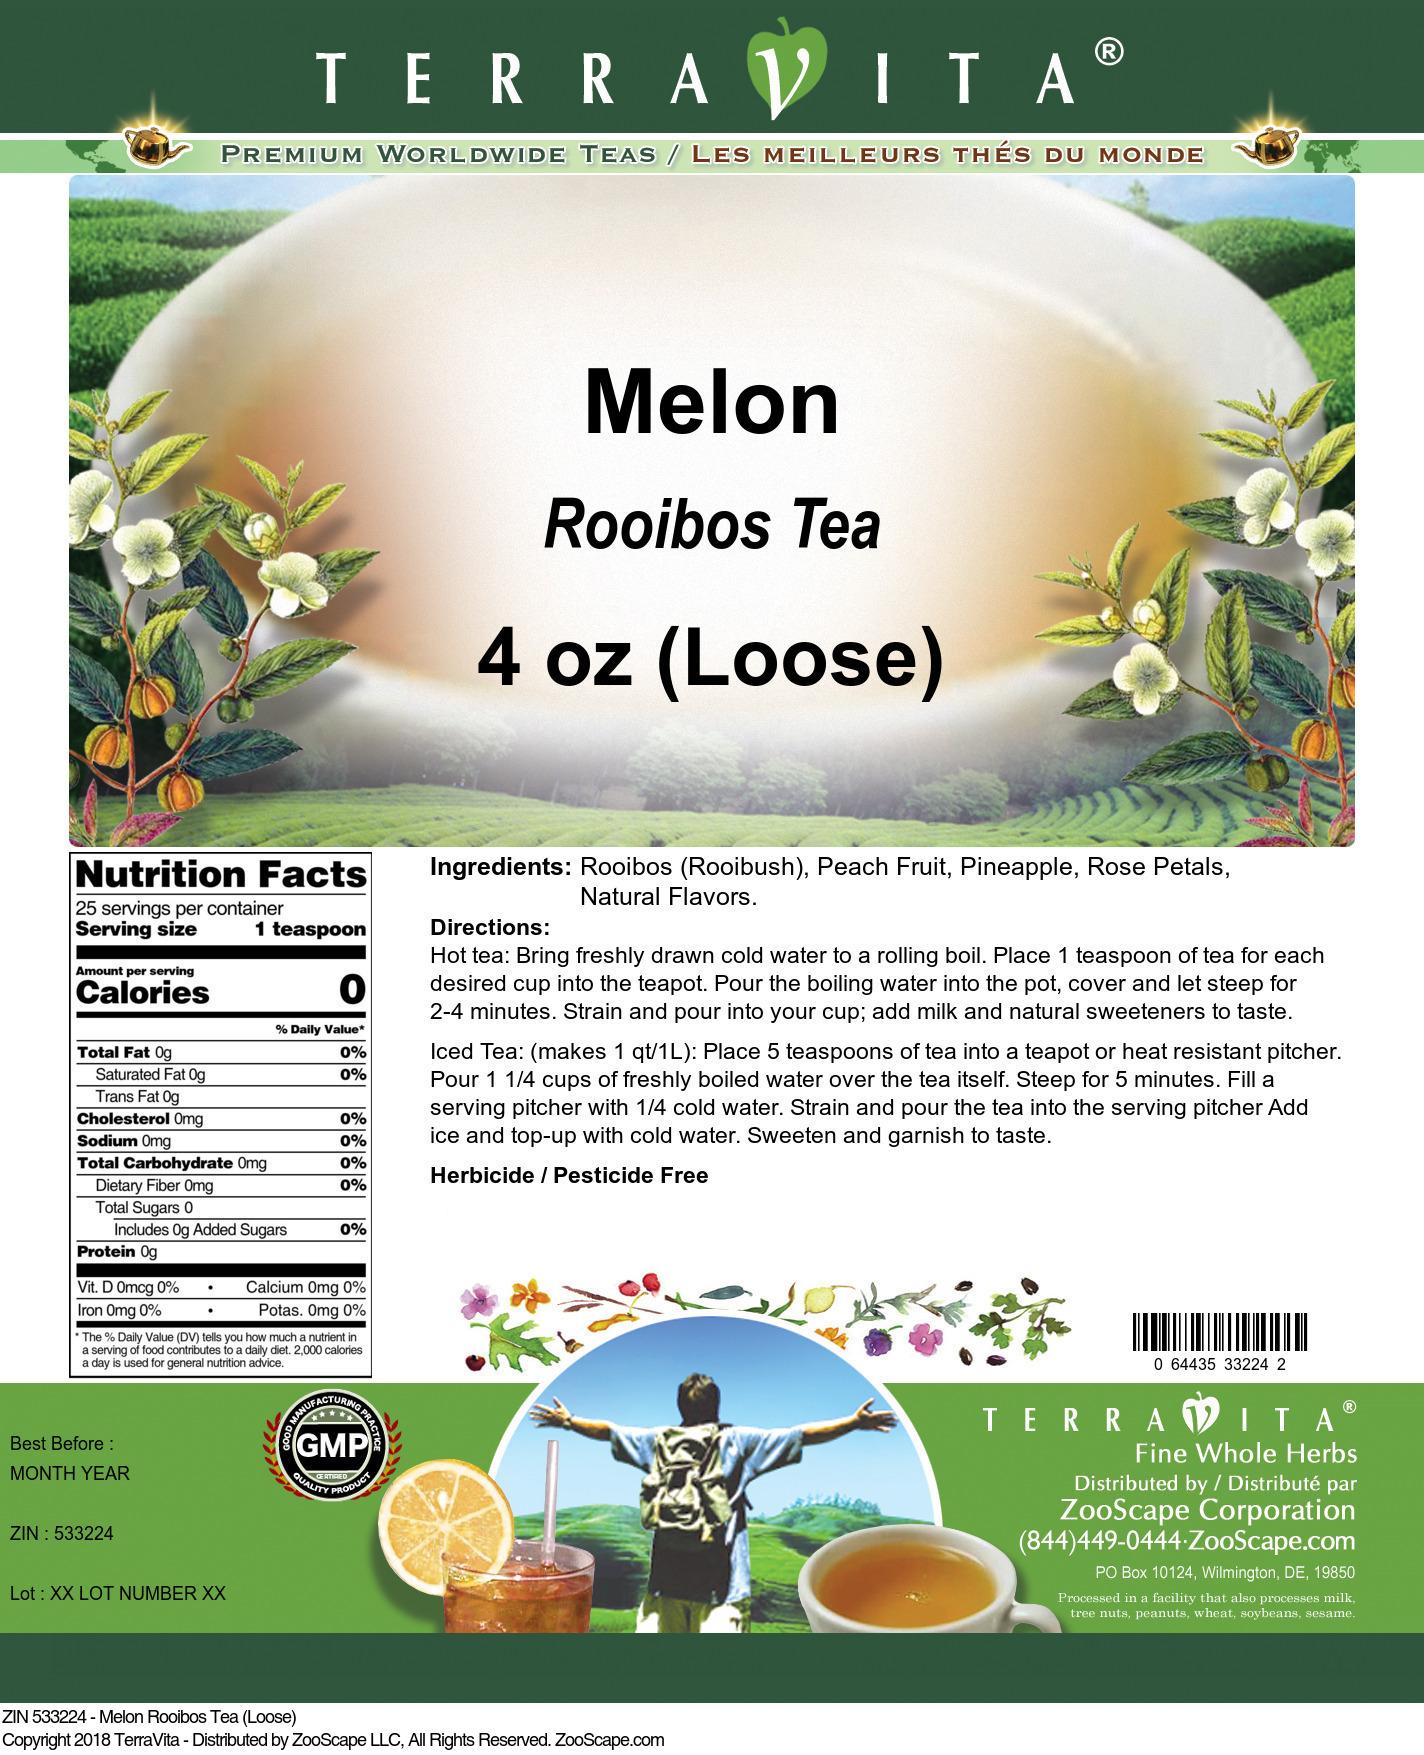 Melon Rooibos Tea